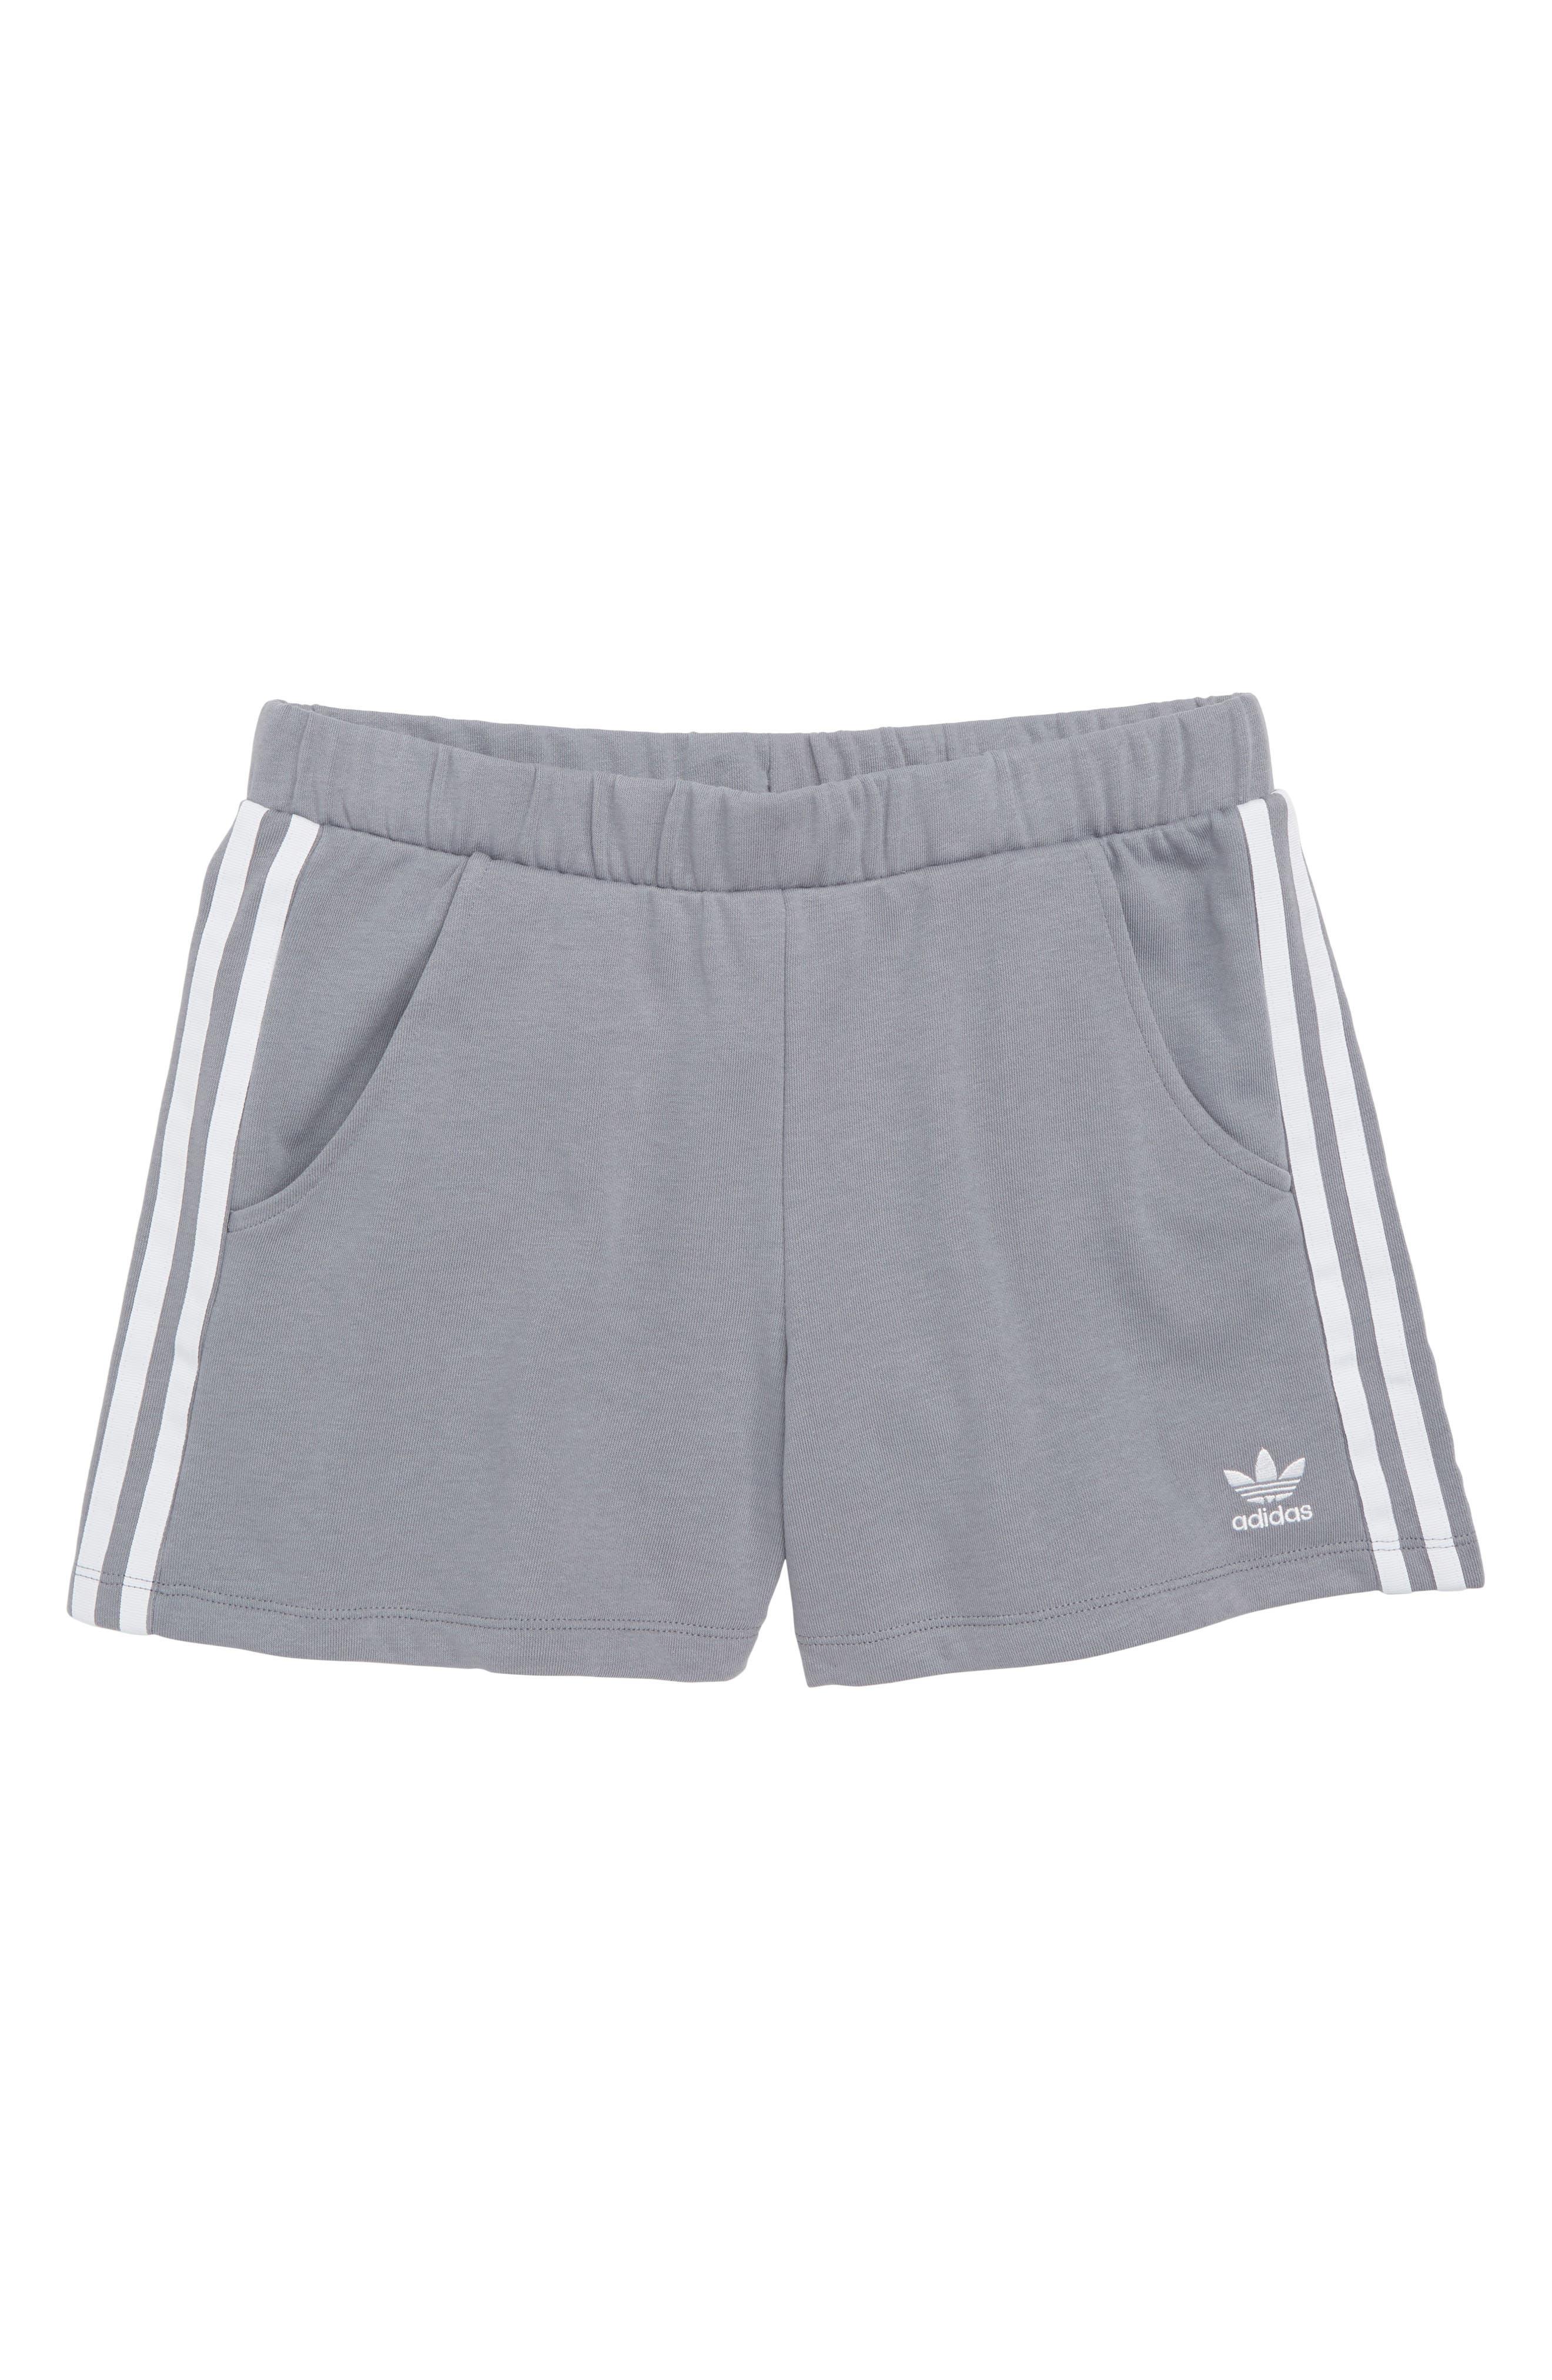 Logo Shorts,                             Main thumbnail 1, color,                             Grey